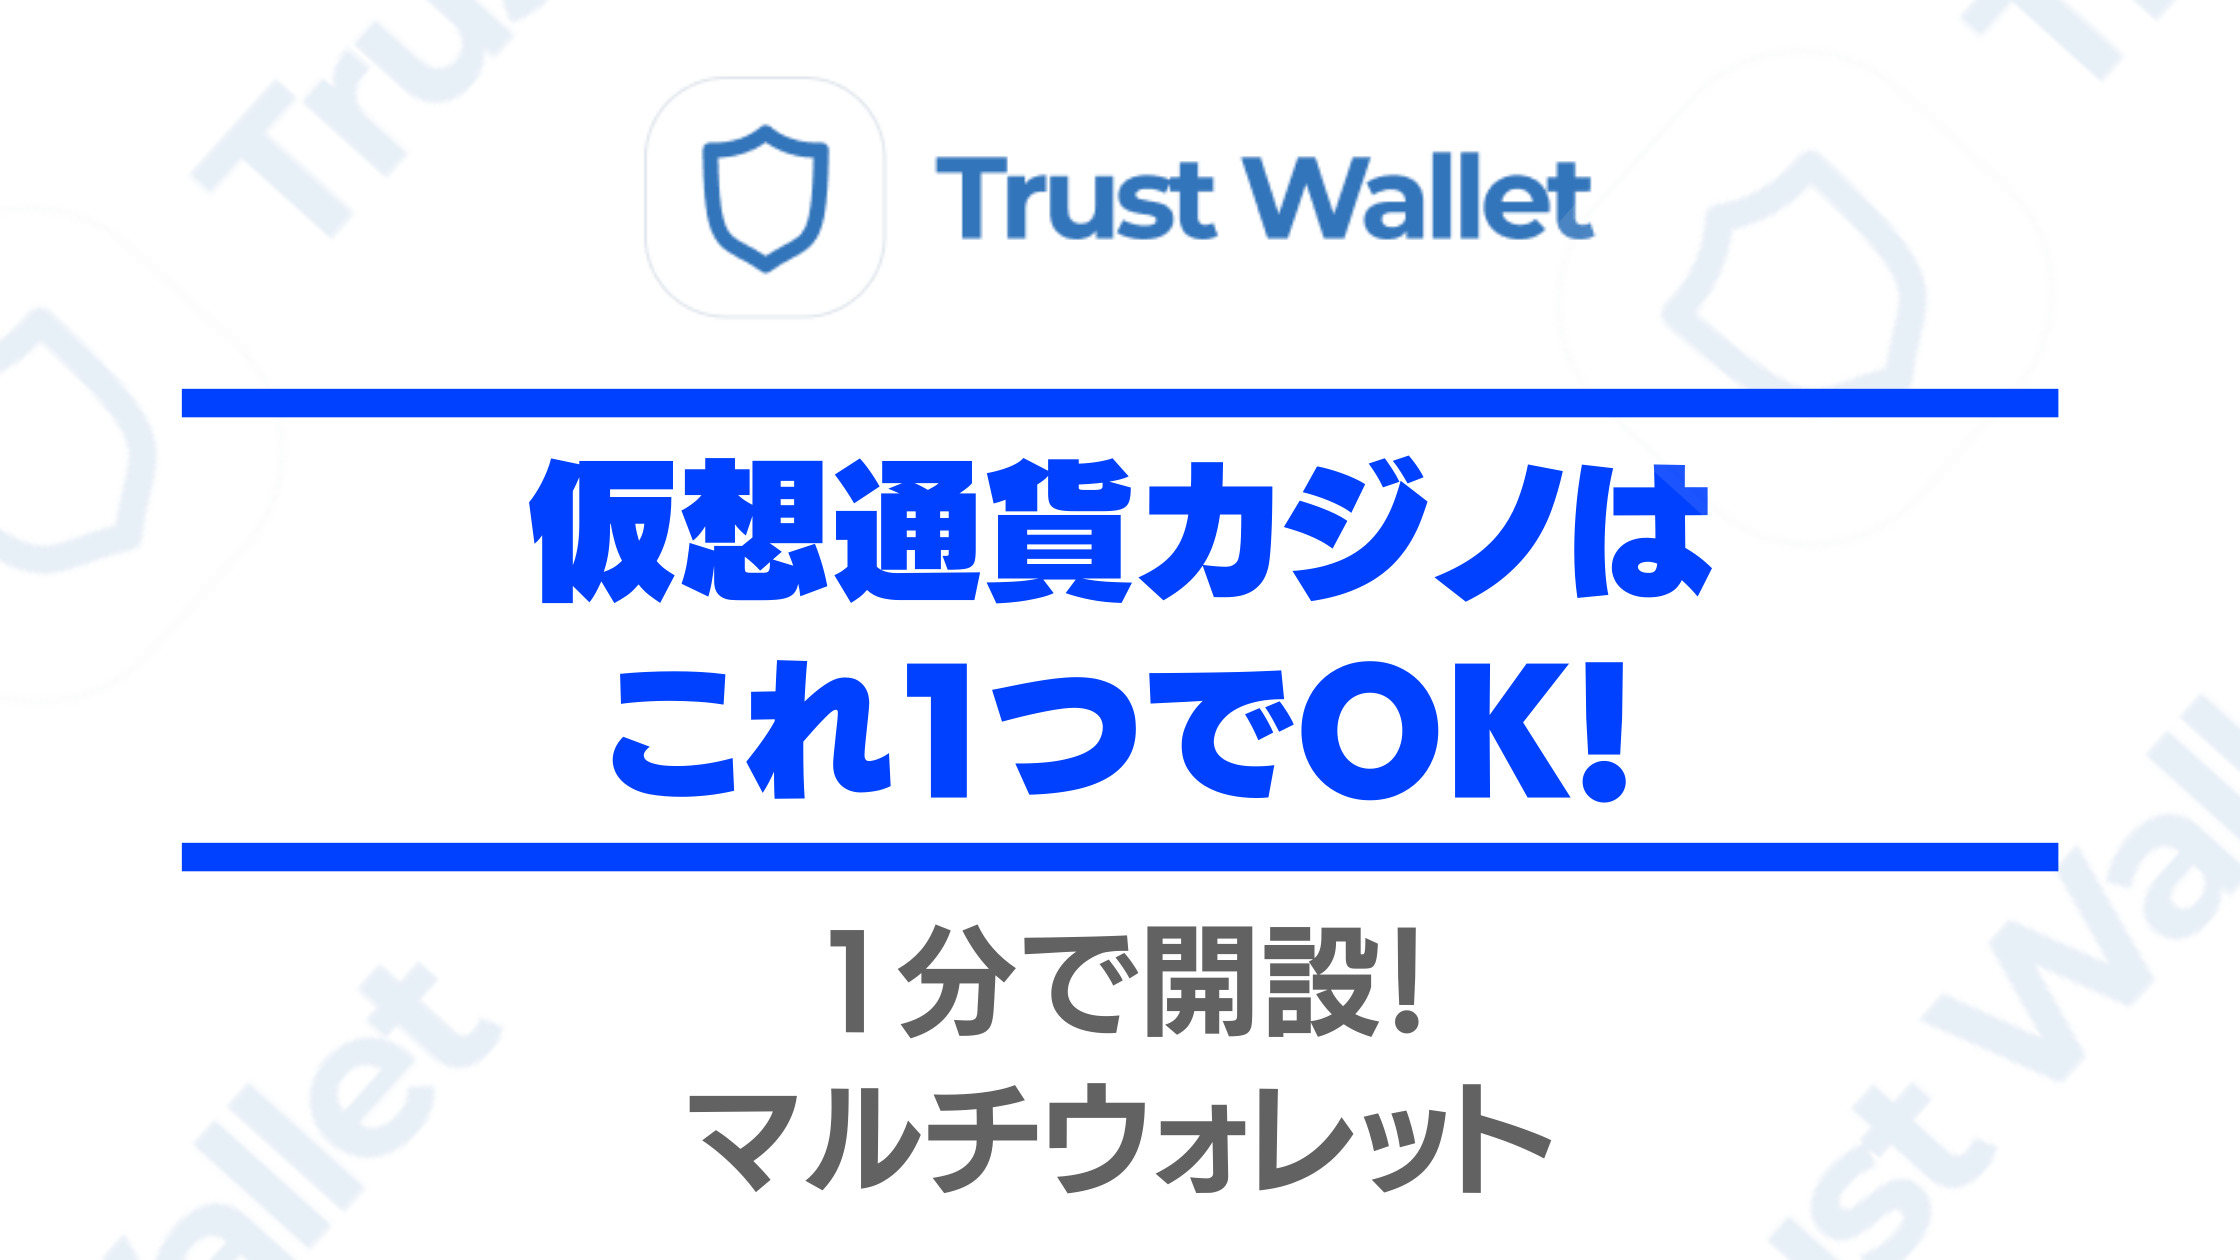 【トラストウォレット】オンカジを仮想通貨で遊ぶなら、このウォレットが超便利!!